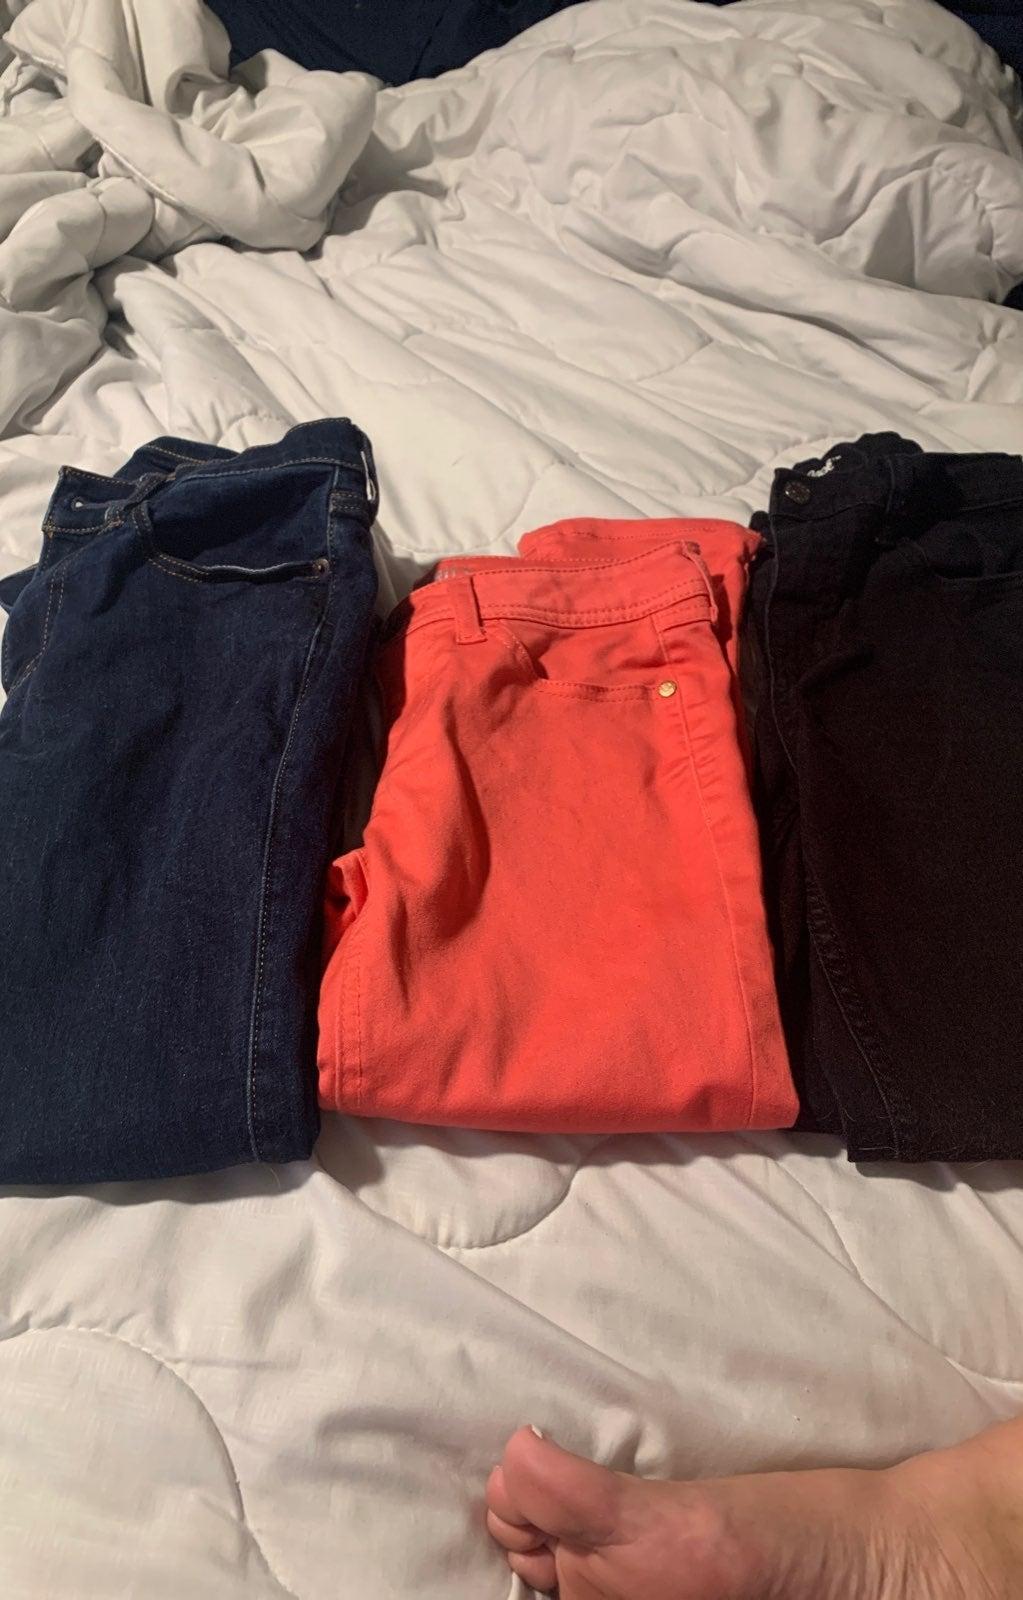 Jeans bundle